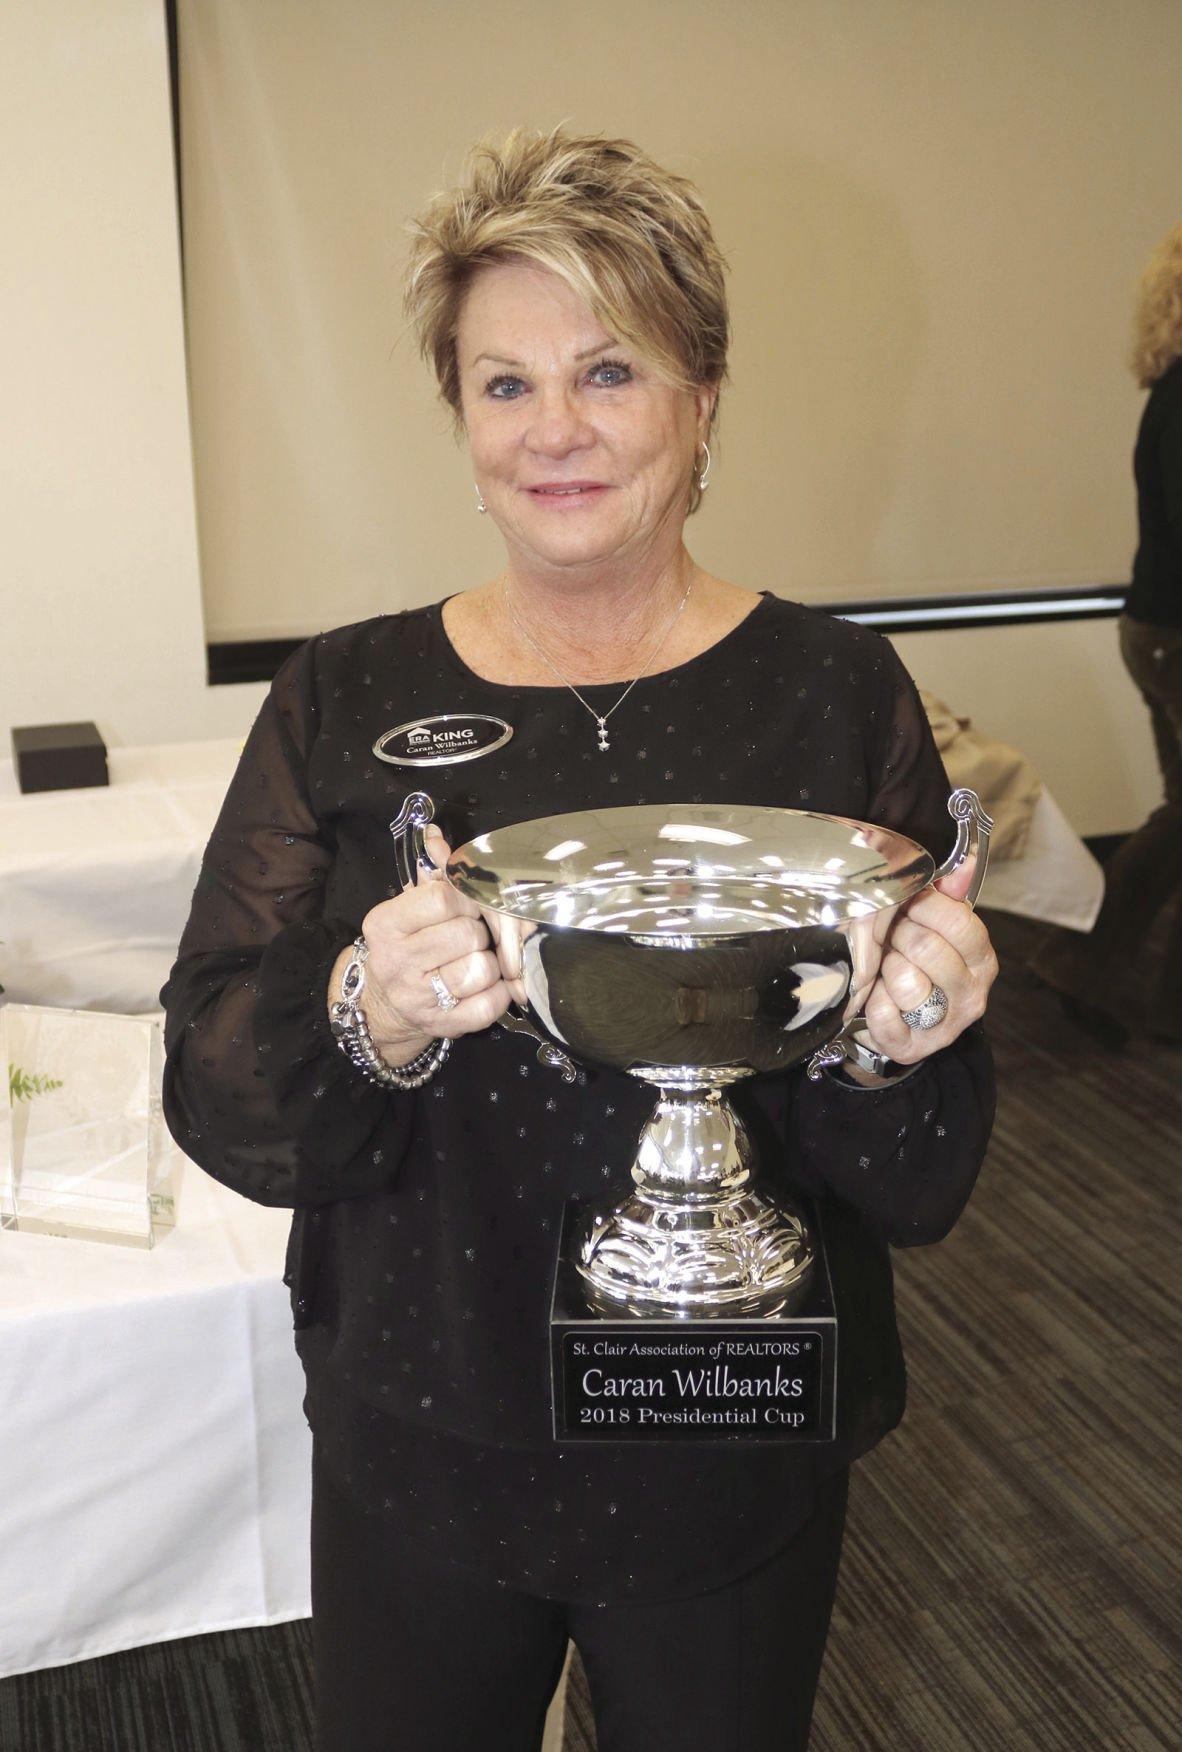 2018 Presidential Cup winner